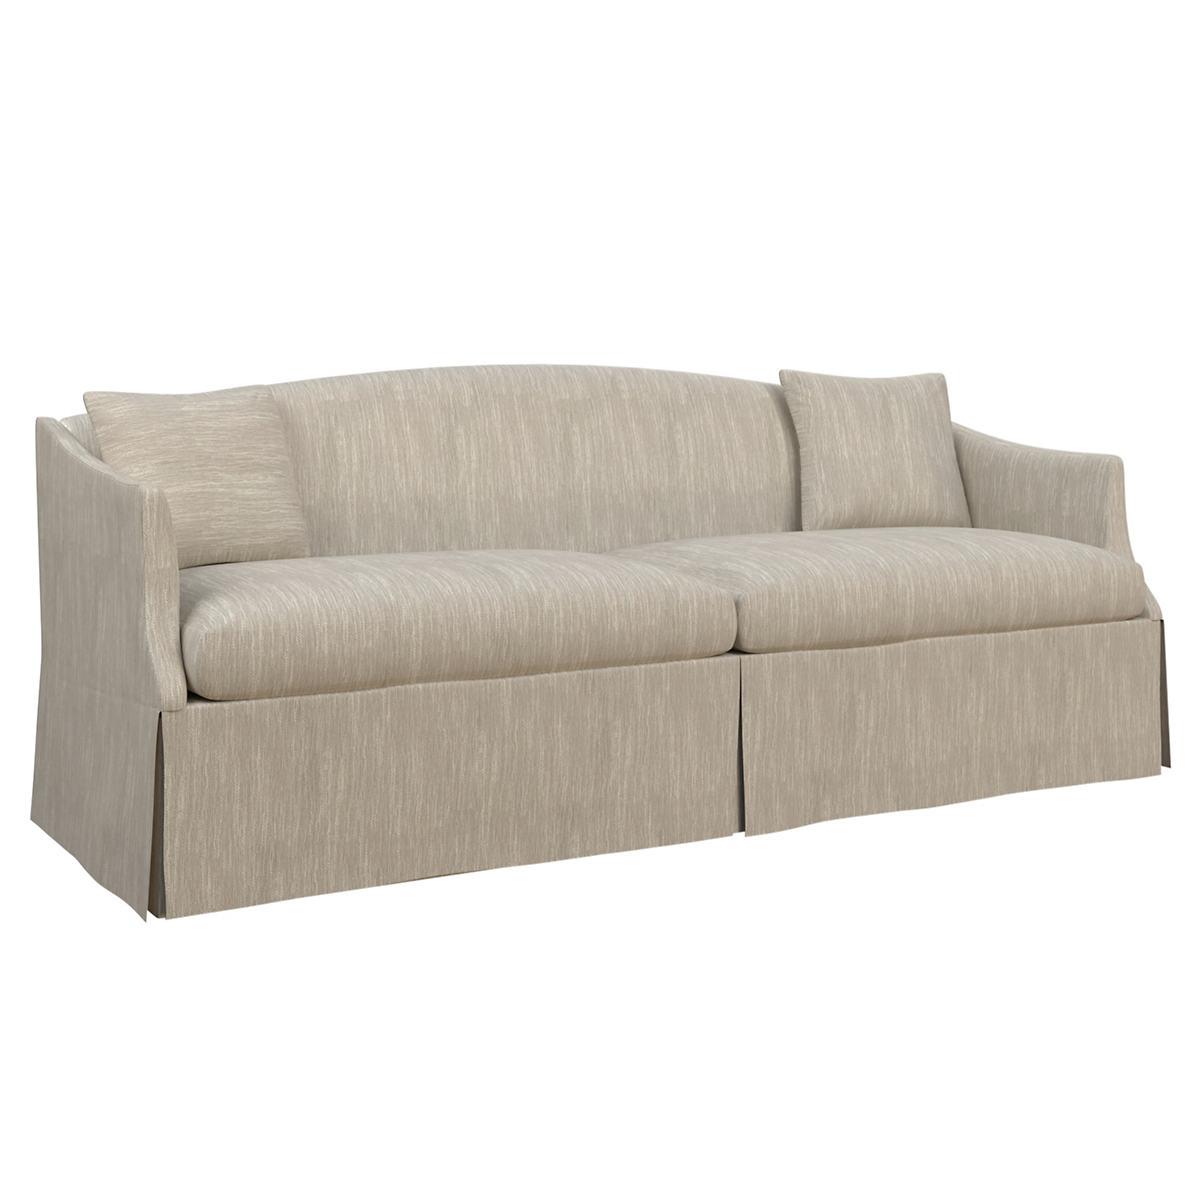 Graduate Linen Avignon Sofa